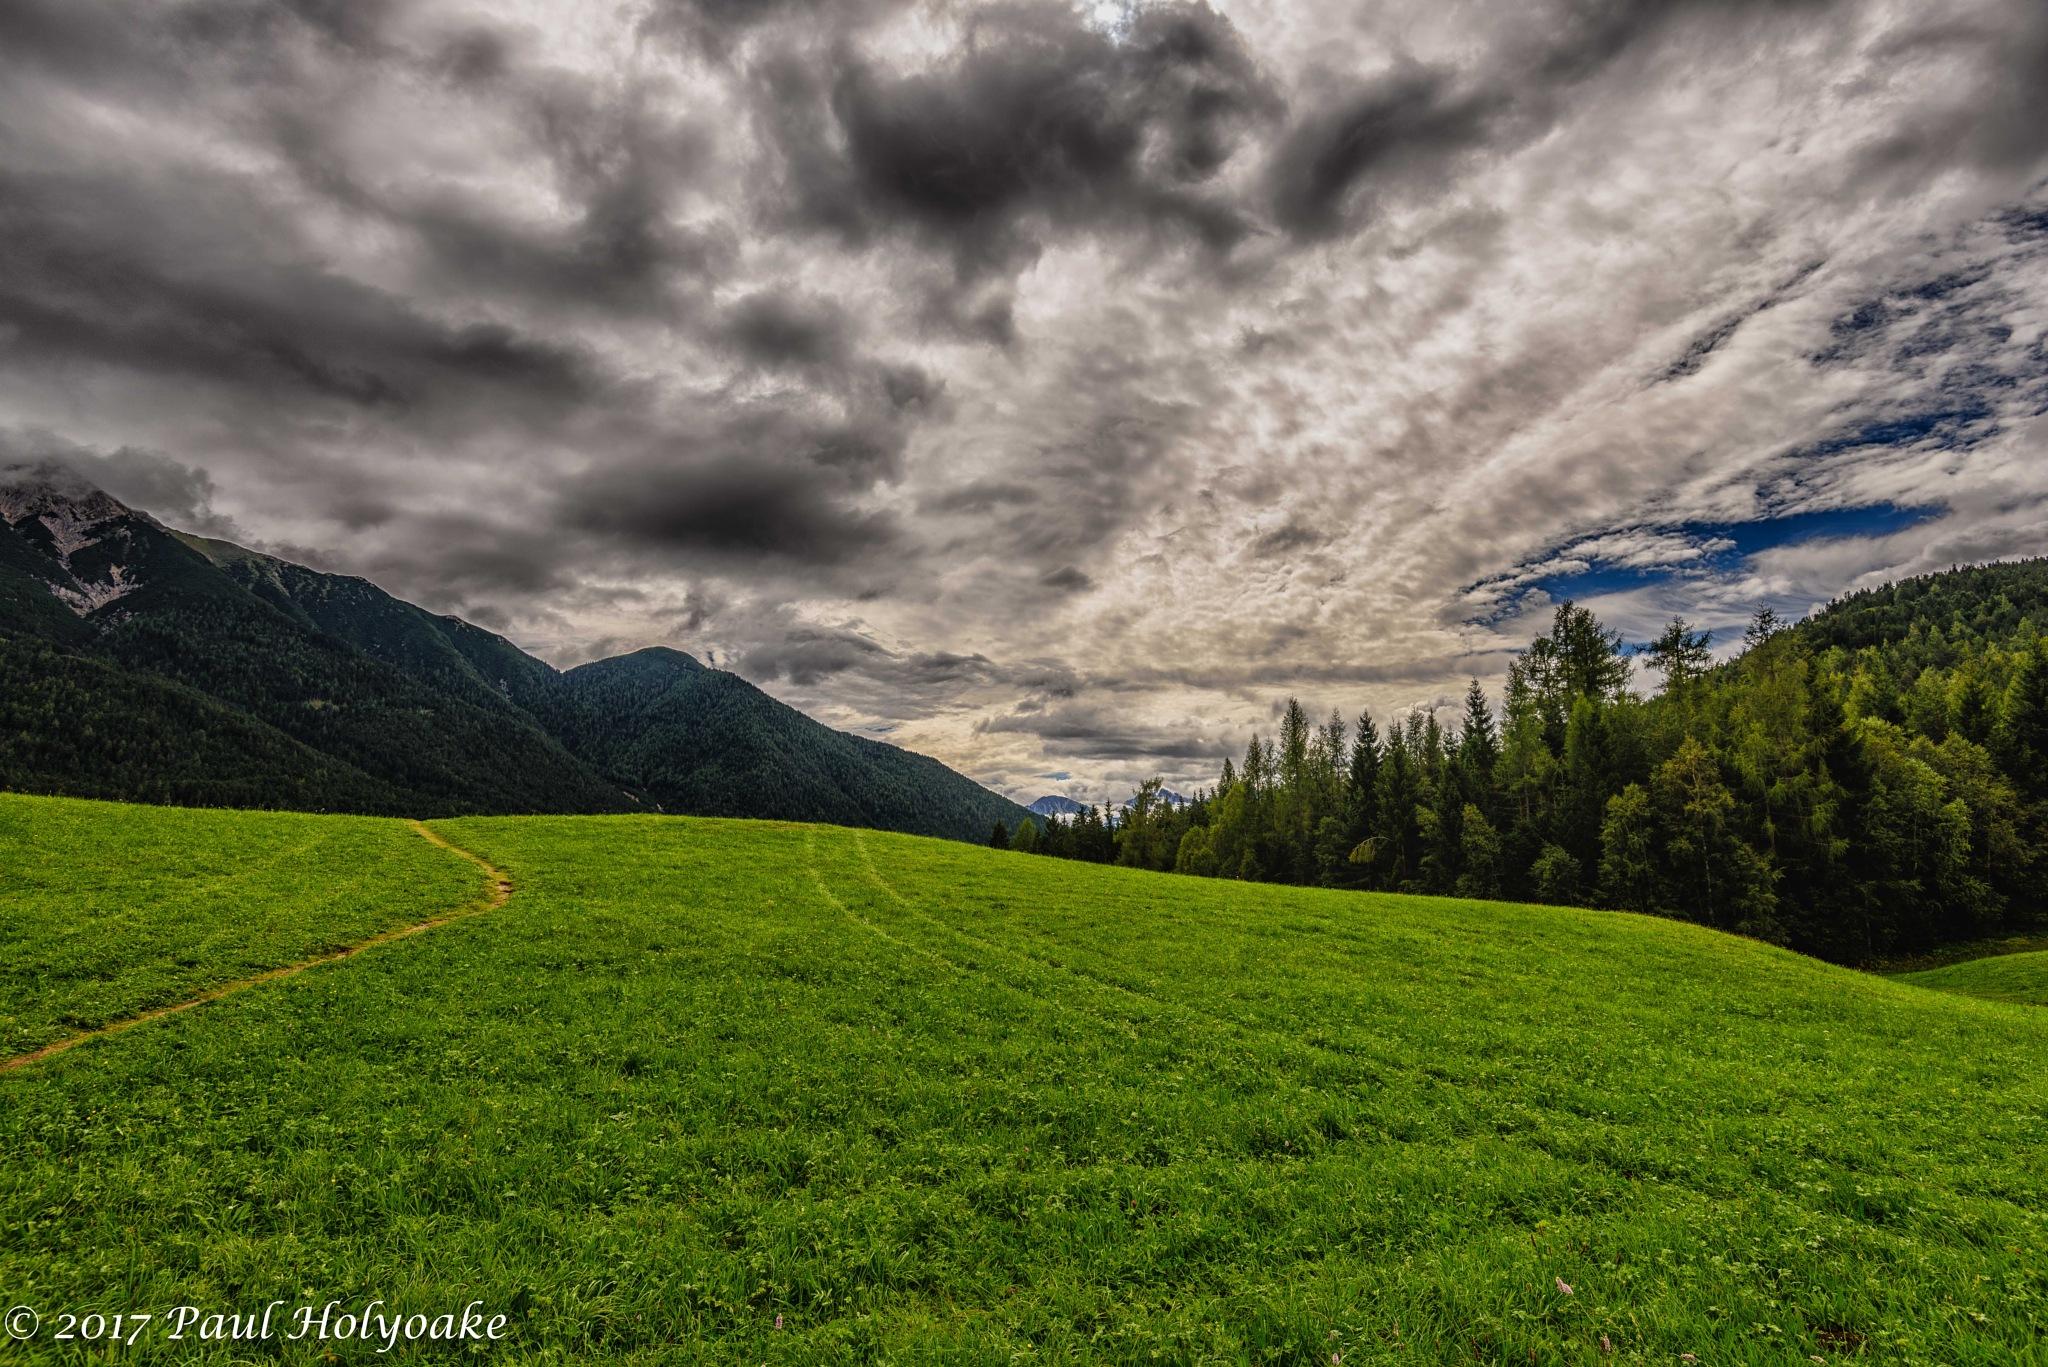 Alpine Cloudscape by Photon